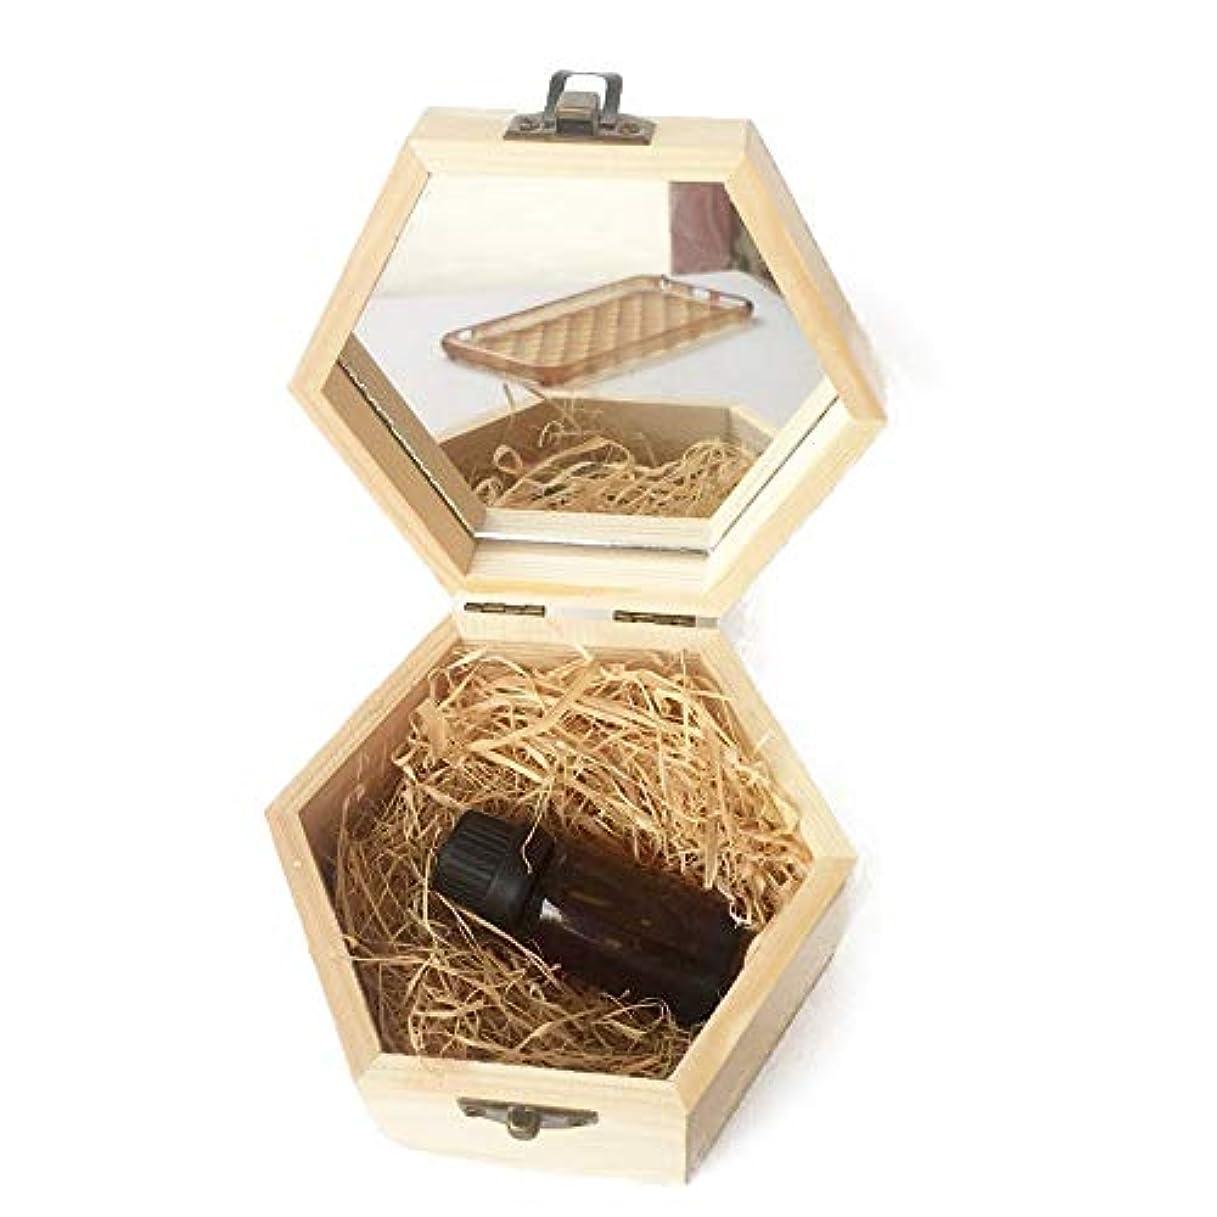 歯痛ありそう黒板精油ケース アロマセラピーのためにエッセンシャルオイル木箱の品質の収納ケース 携帯便利 (色 : Natural, サイズ : 13X11.3X6.8CM)